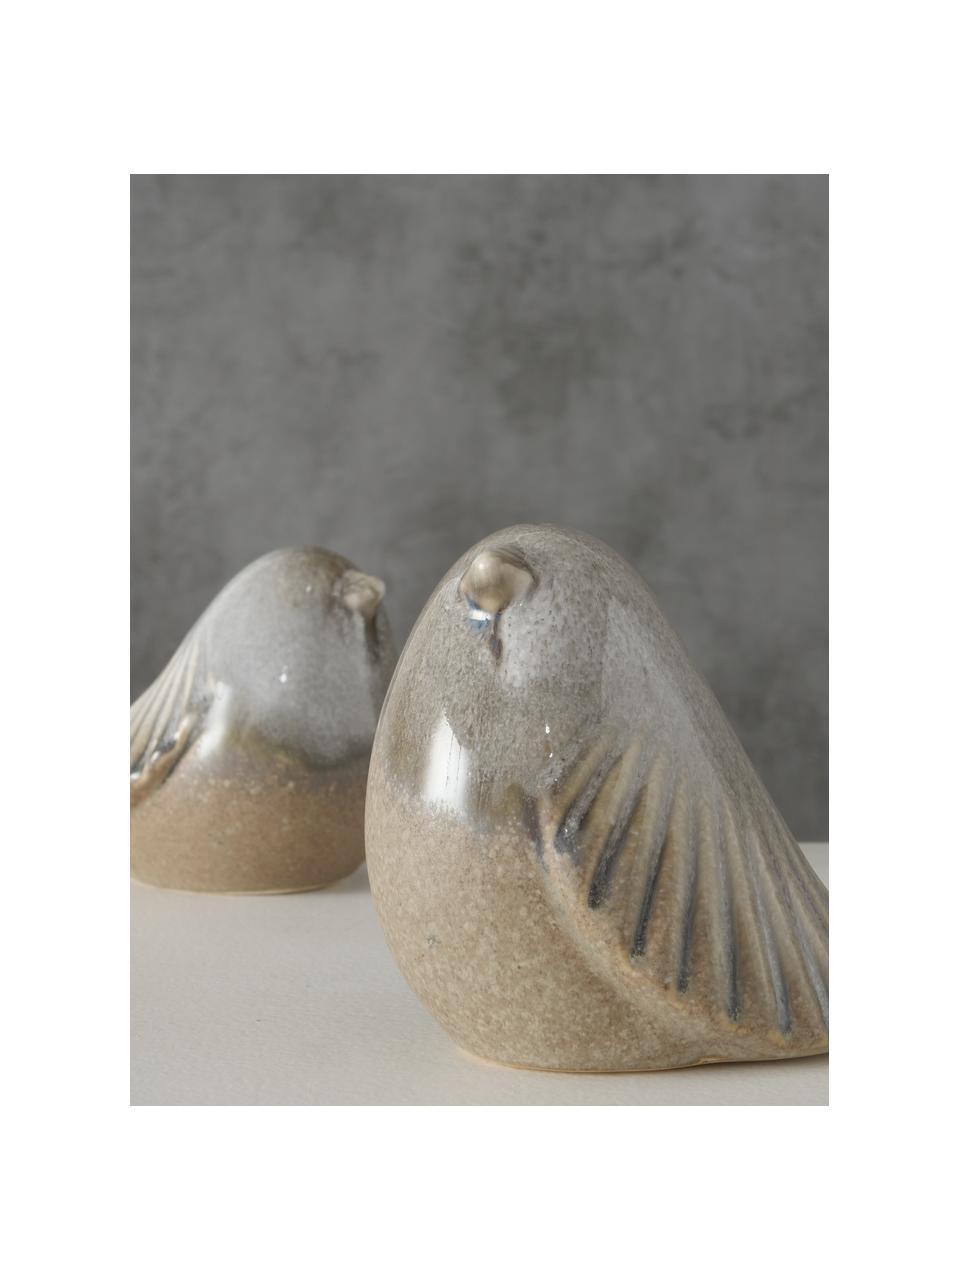 Deko-Objekte-Set Jolly, 2-tlg., Steingut, glasiert, Braun, 7 x 10 cm